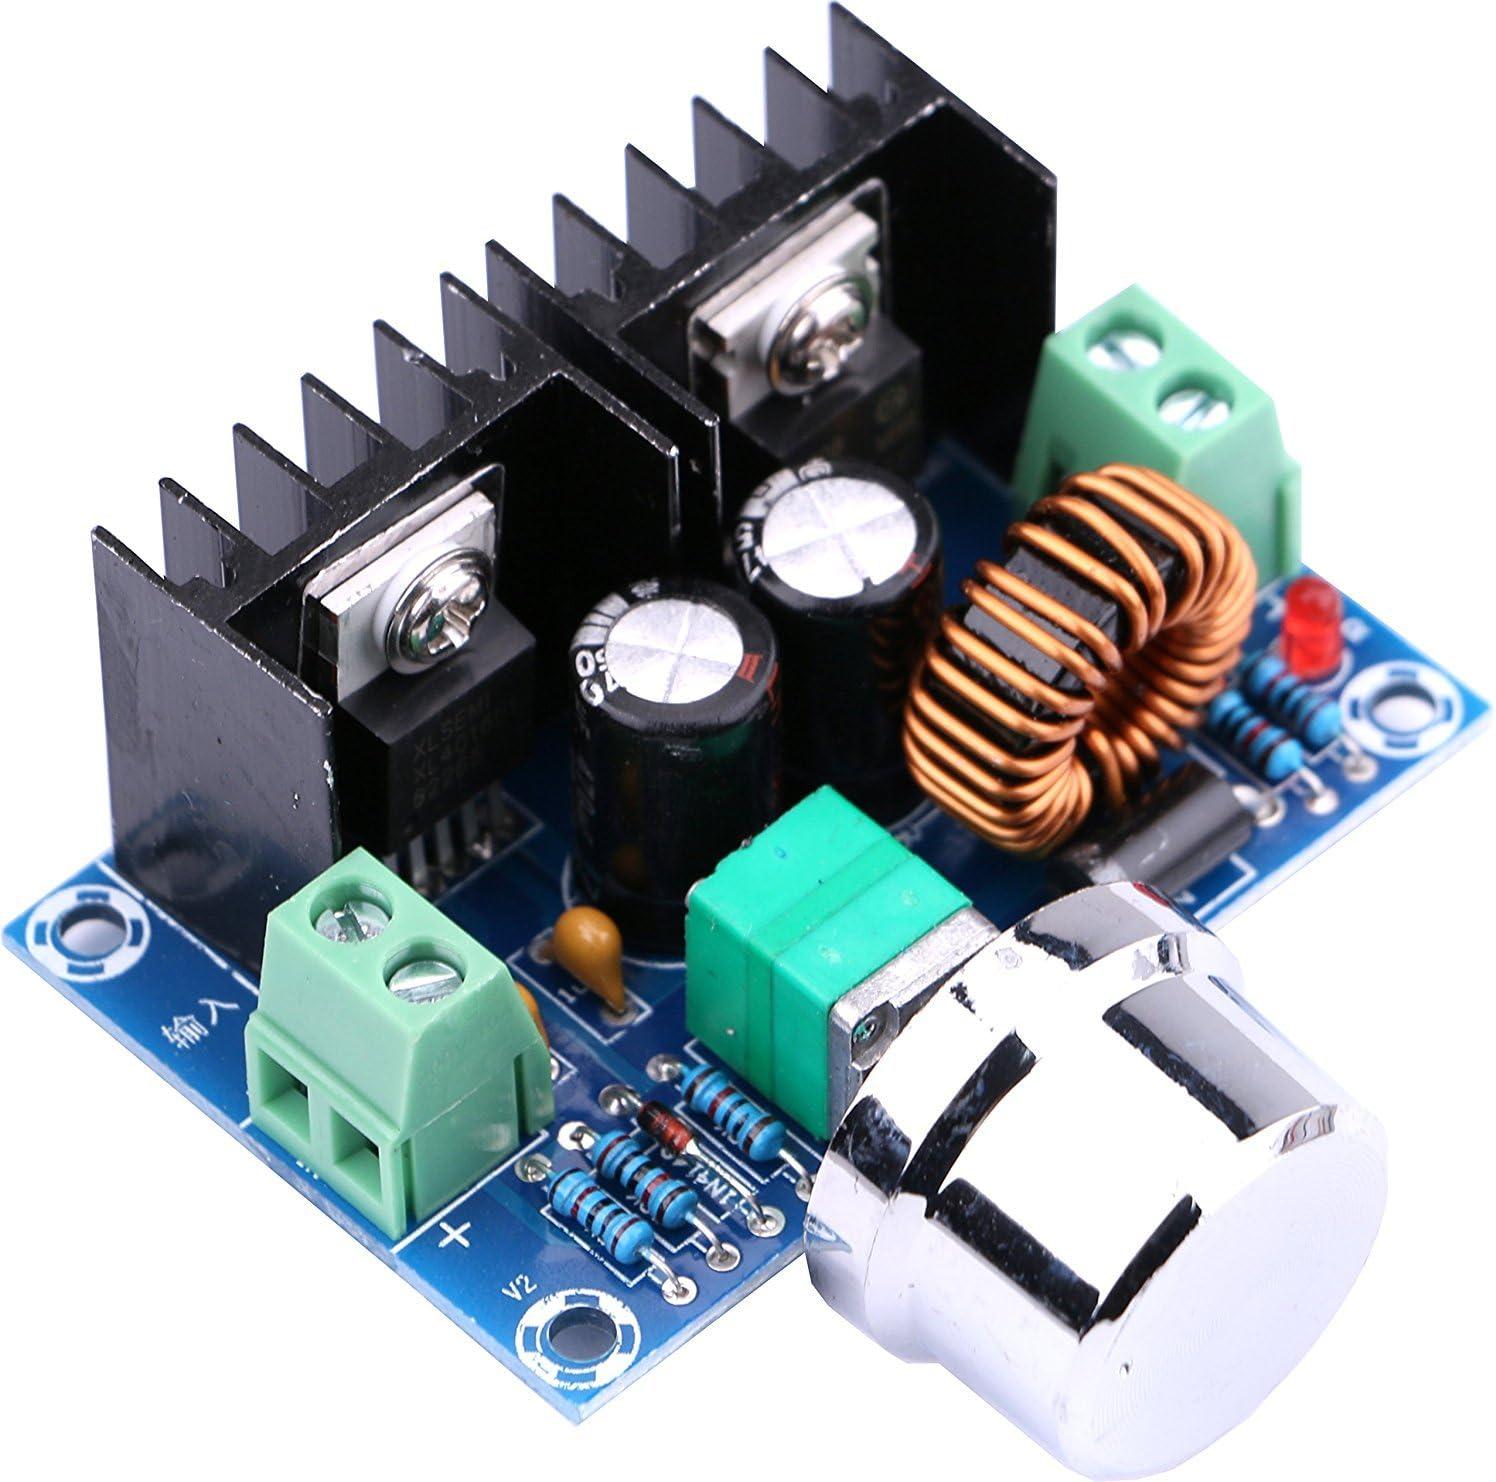 WINGONEER XL4016E1 DC 4-40V a DC 1.25-36V 8A Buck Convertidor Regulador de Voltaje 36V 24V 12V a 5V Alta Potencia Eficiencia Paso abajo Fuente de Alimentación